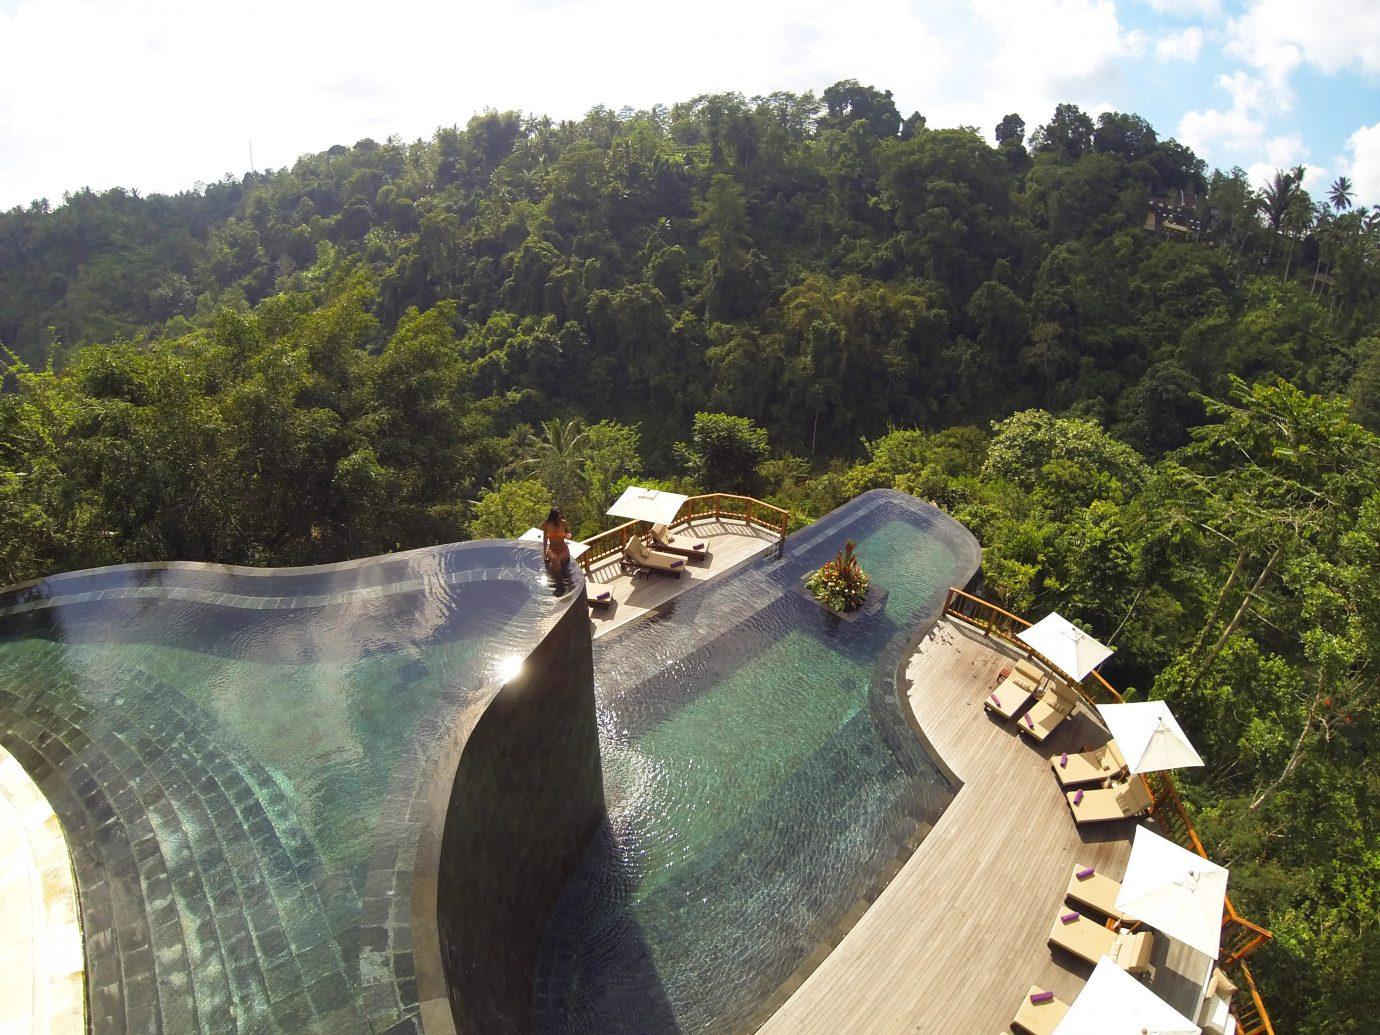 Elegant Hip Luxury Modern Pool Trip Ideas tree sky outdoor water tourism estate reservoir waterway